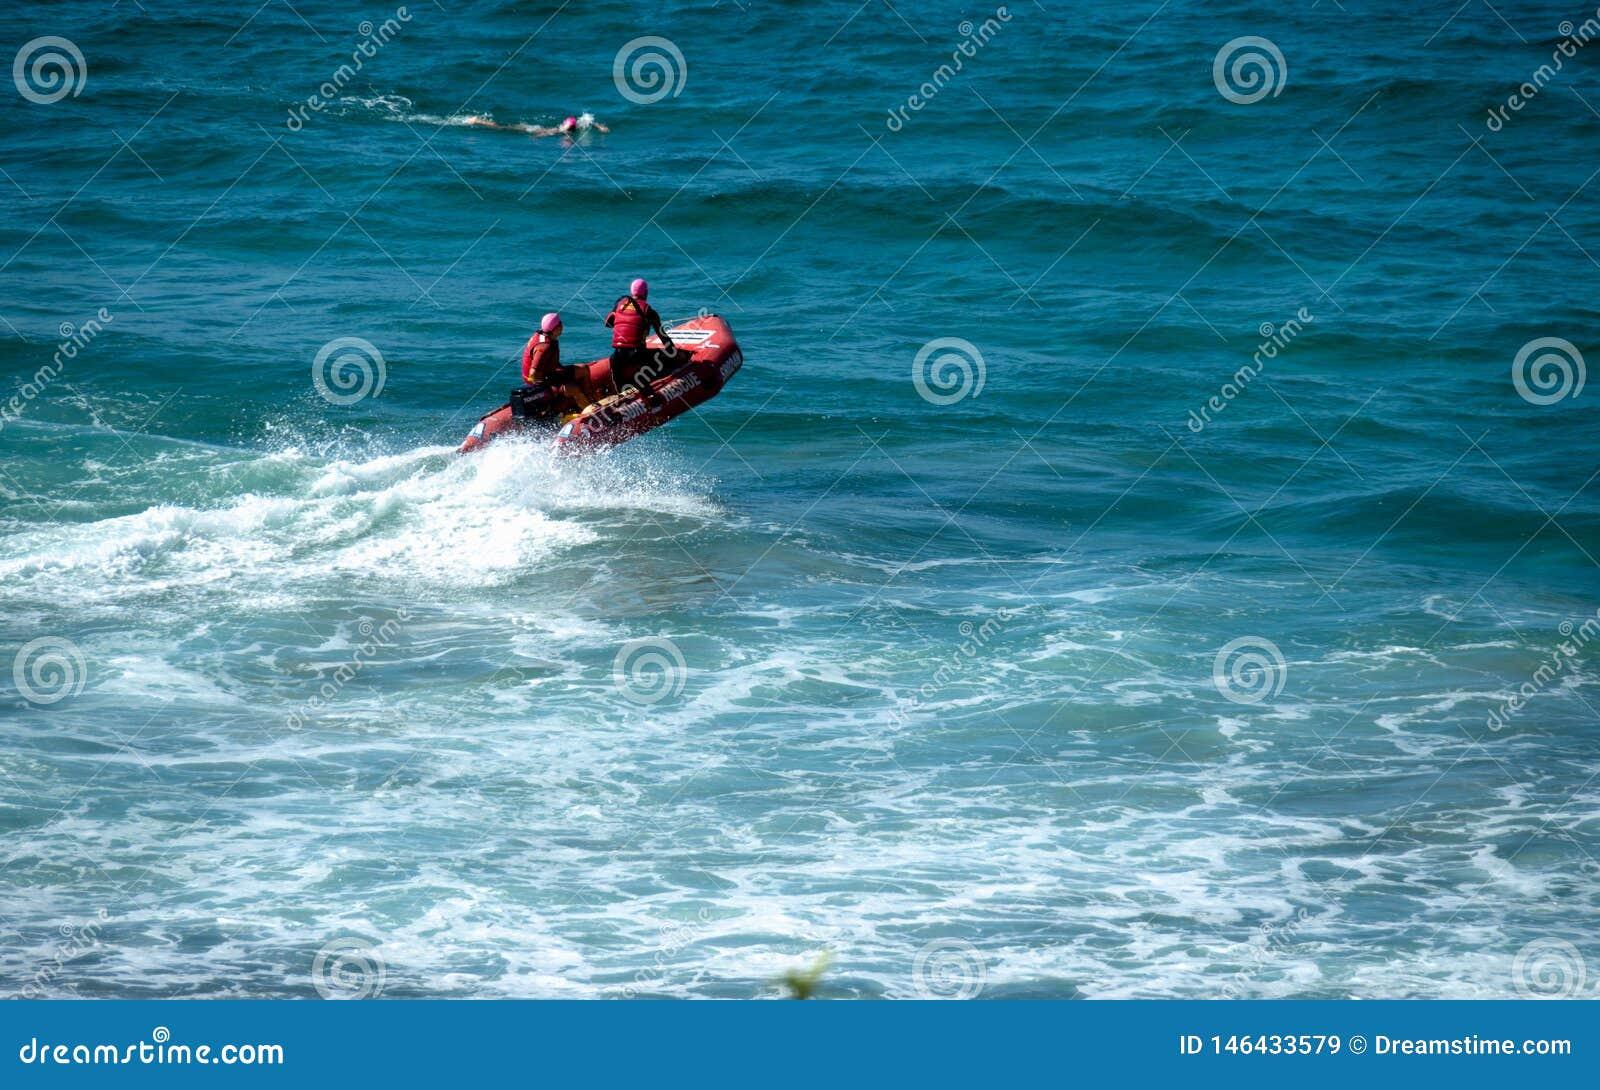 Strandbereden politie op een rode reddingsboot een surfer die dichtbij zwemmen